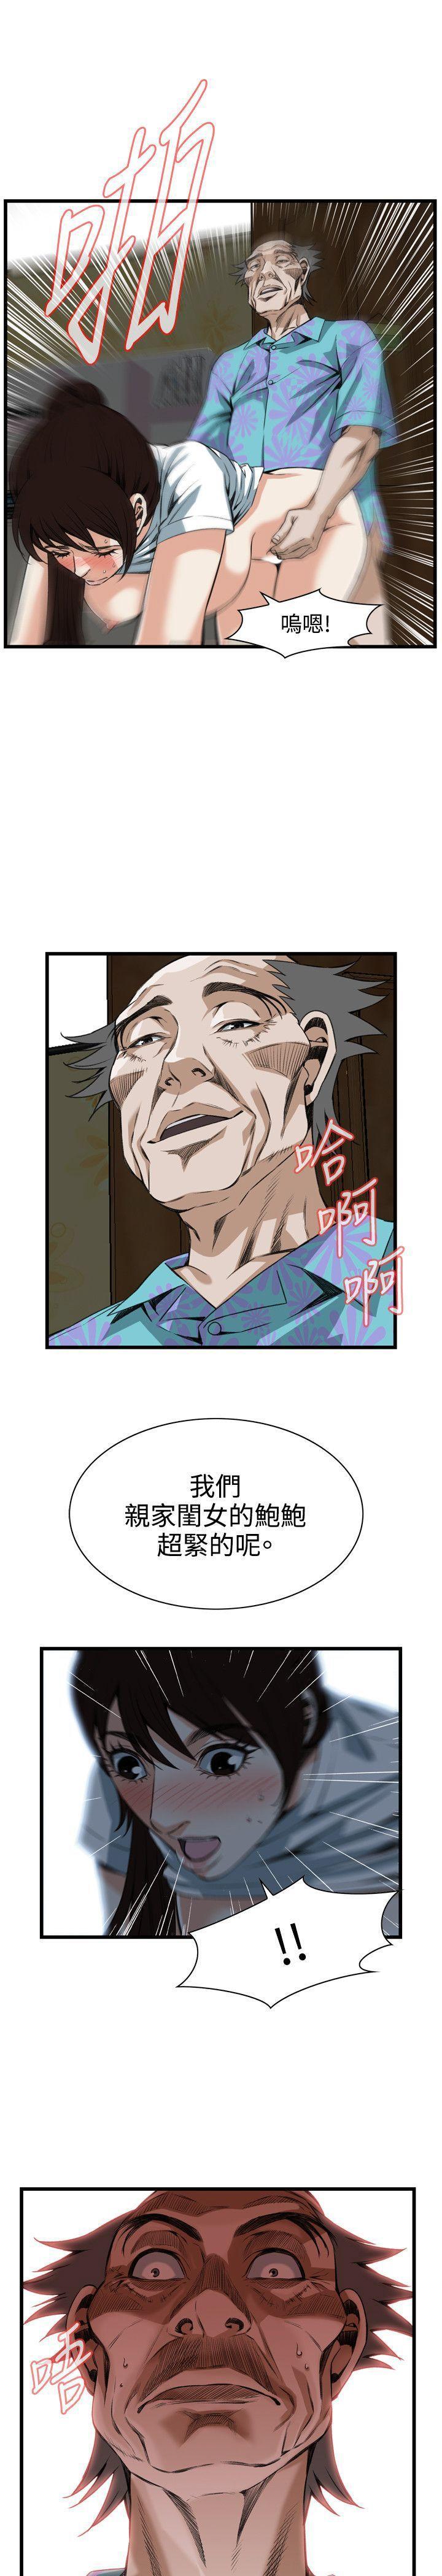 偷窥72-93 Chinese Rsiky 441